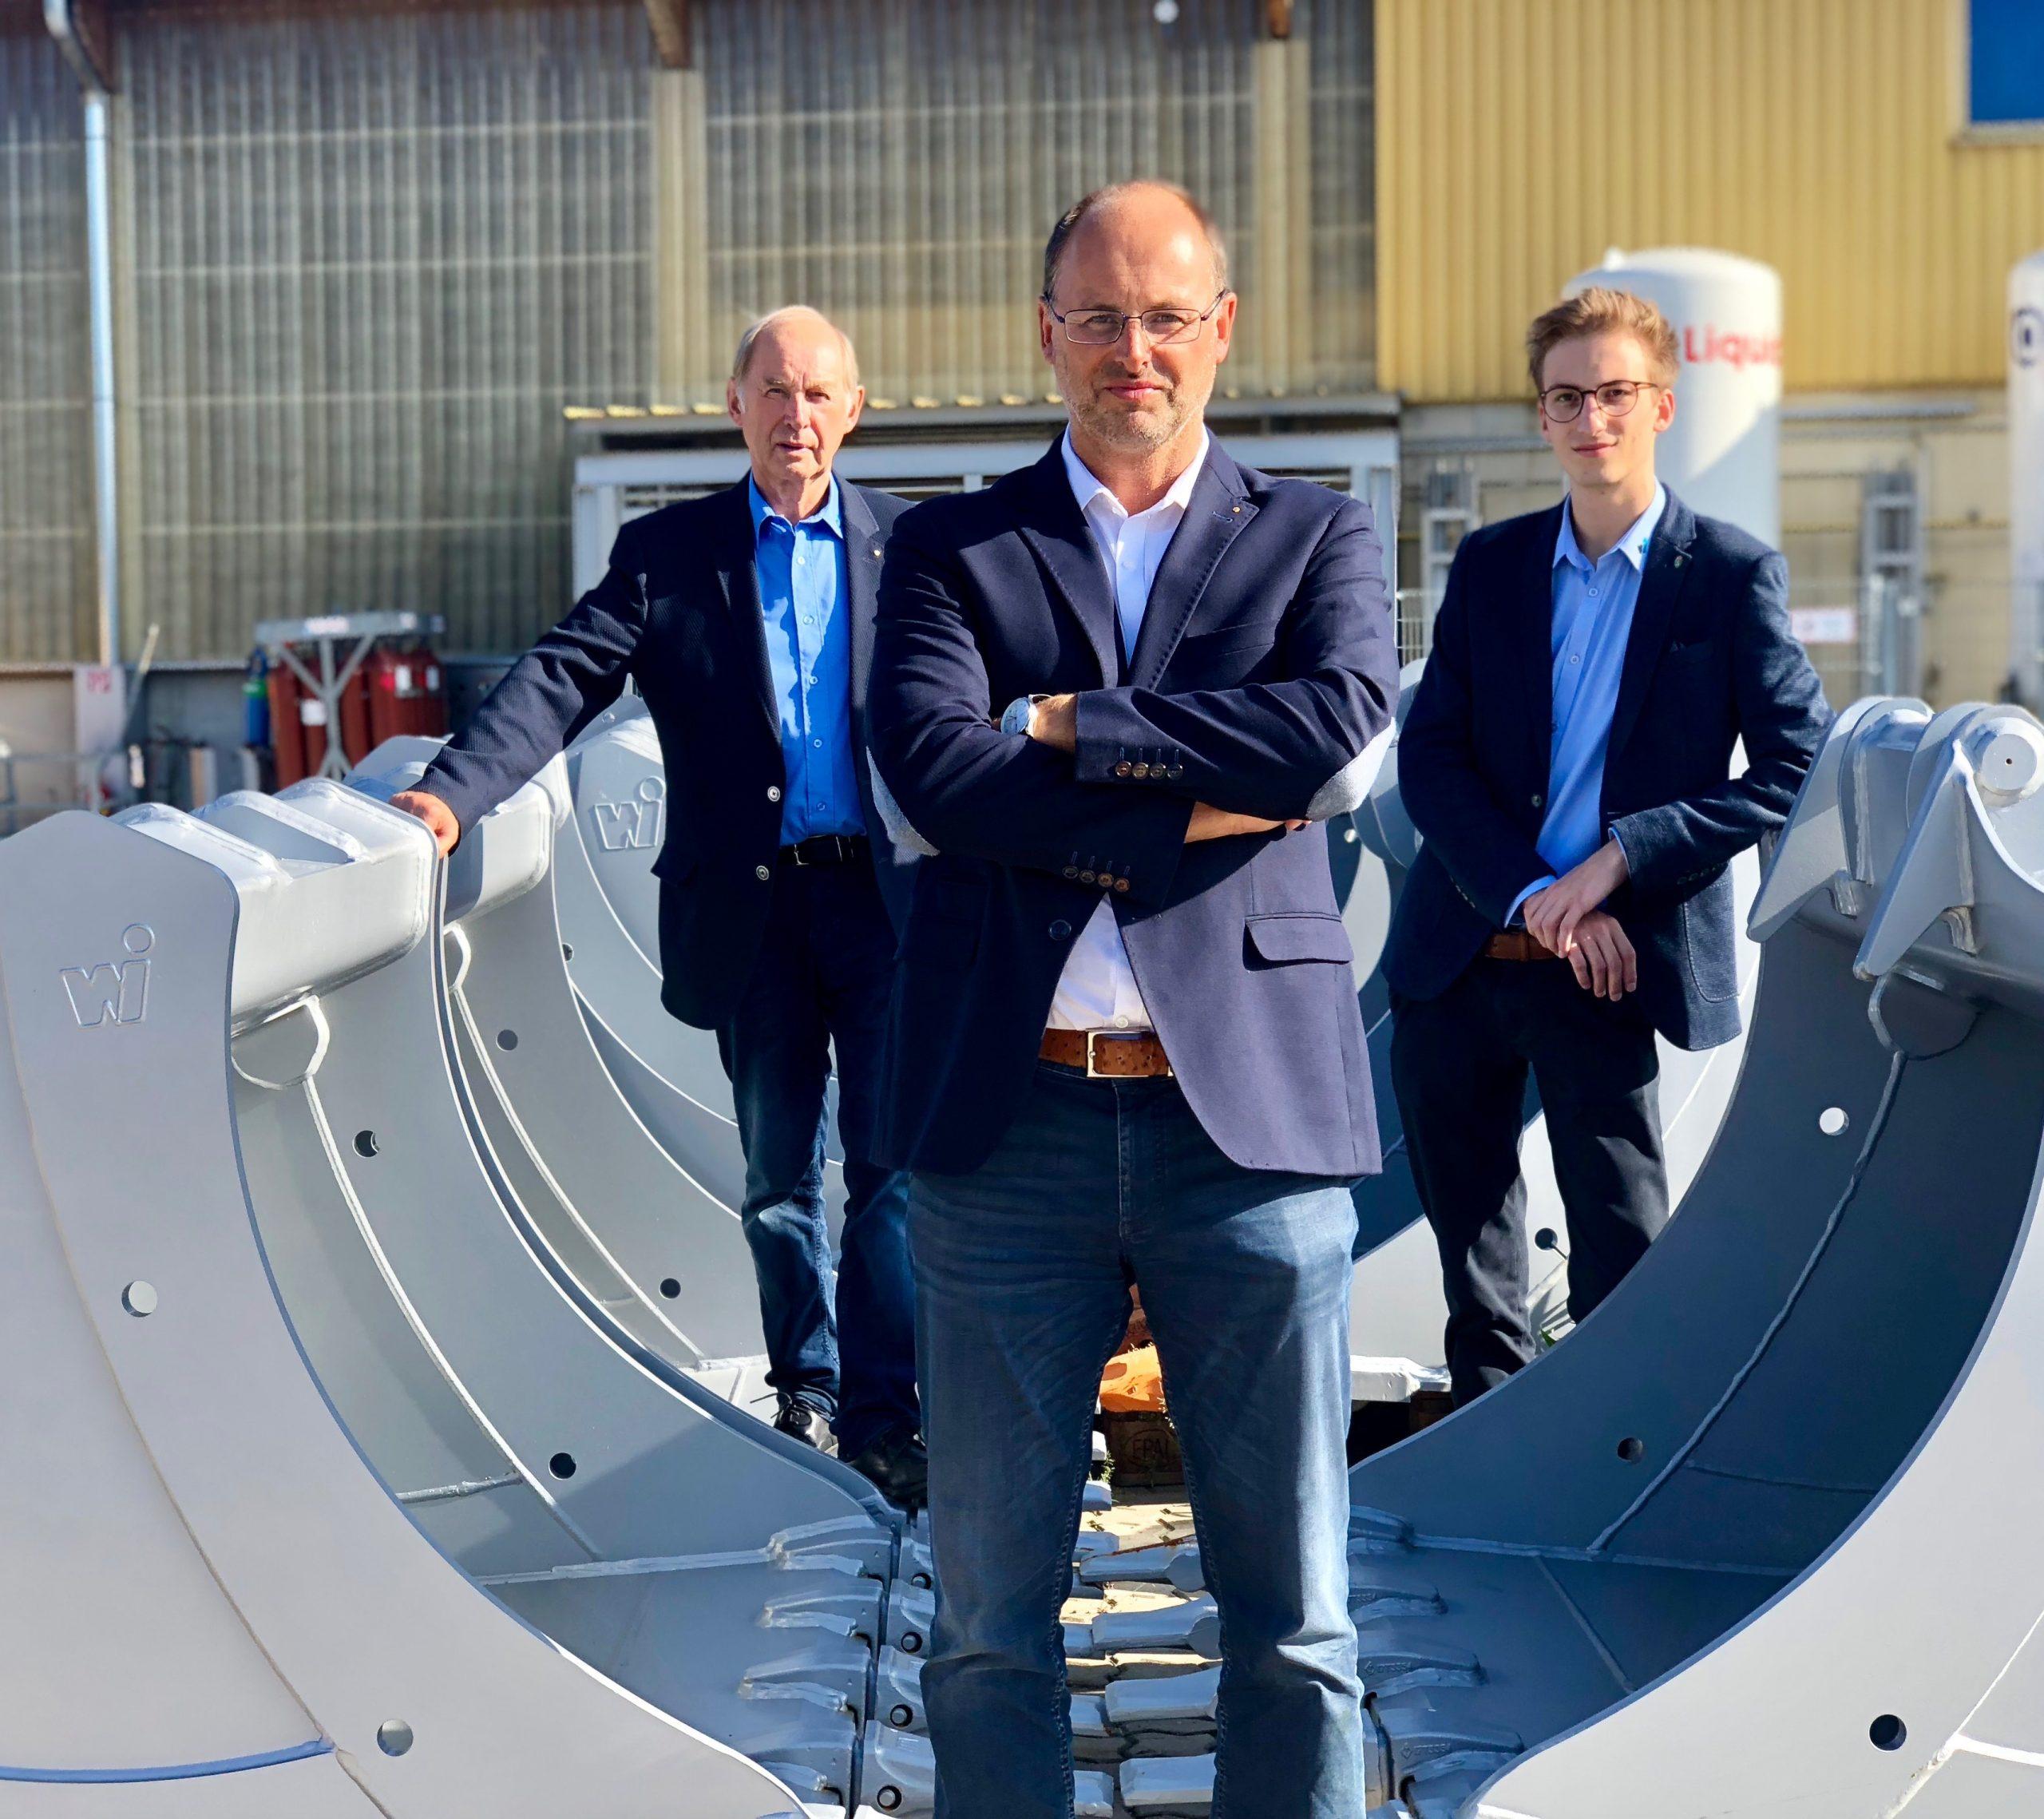 """Drei Generationen auf einem Foto: """"Senior-Chef"""" Franz Winkelbauer, Geschäftsführer Michael Winkelbauer und Sohn Stephan Winkelbauer (v. l.) (Foto: Winkelbauer)"""